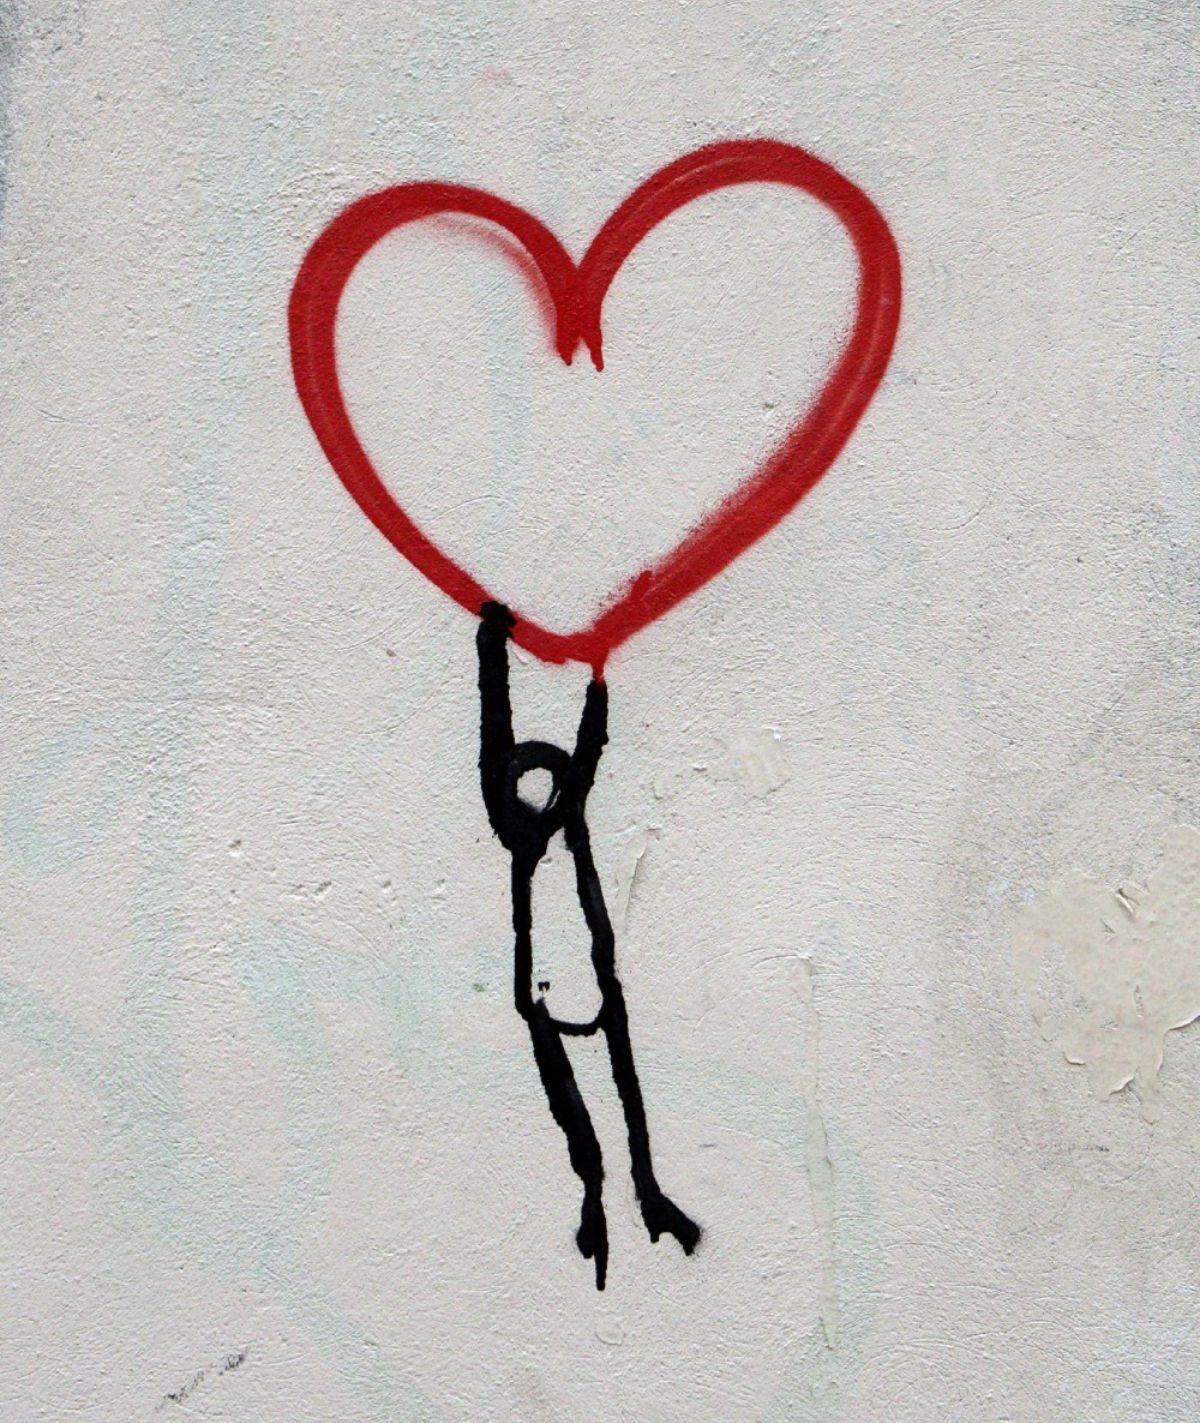 a-primeira-vista-amor-coracao-presenca-despertar-iluminacao-nosso-blog-imagem.jpg